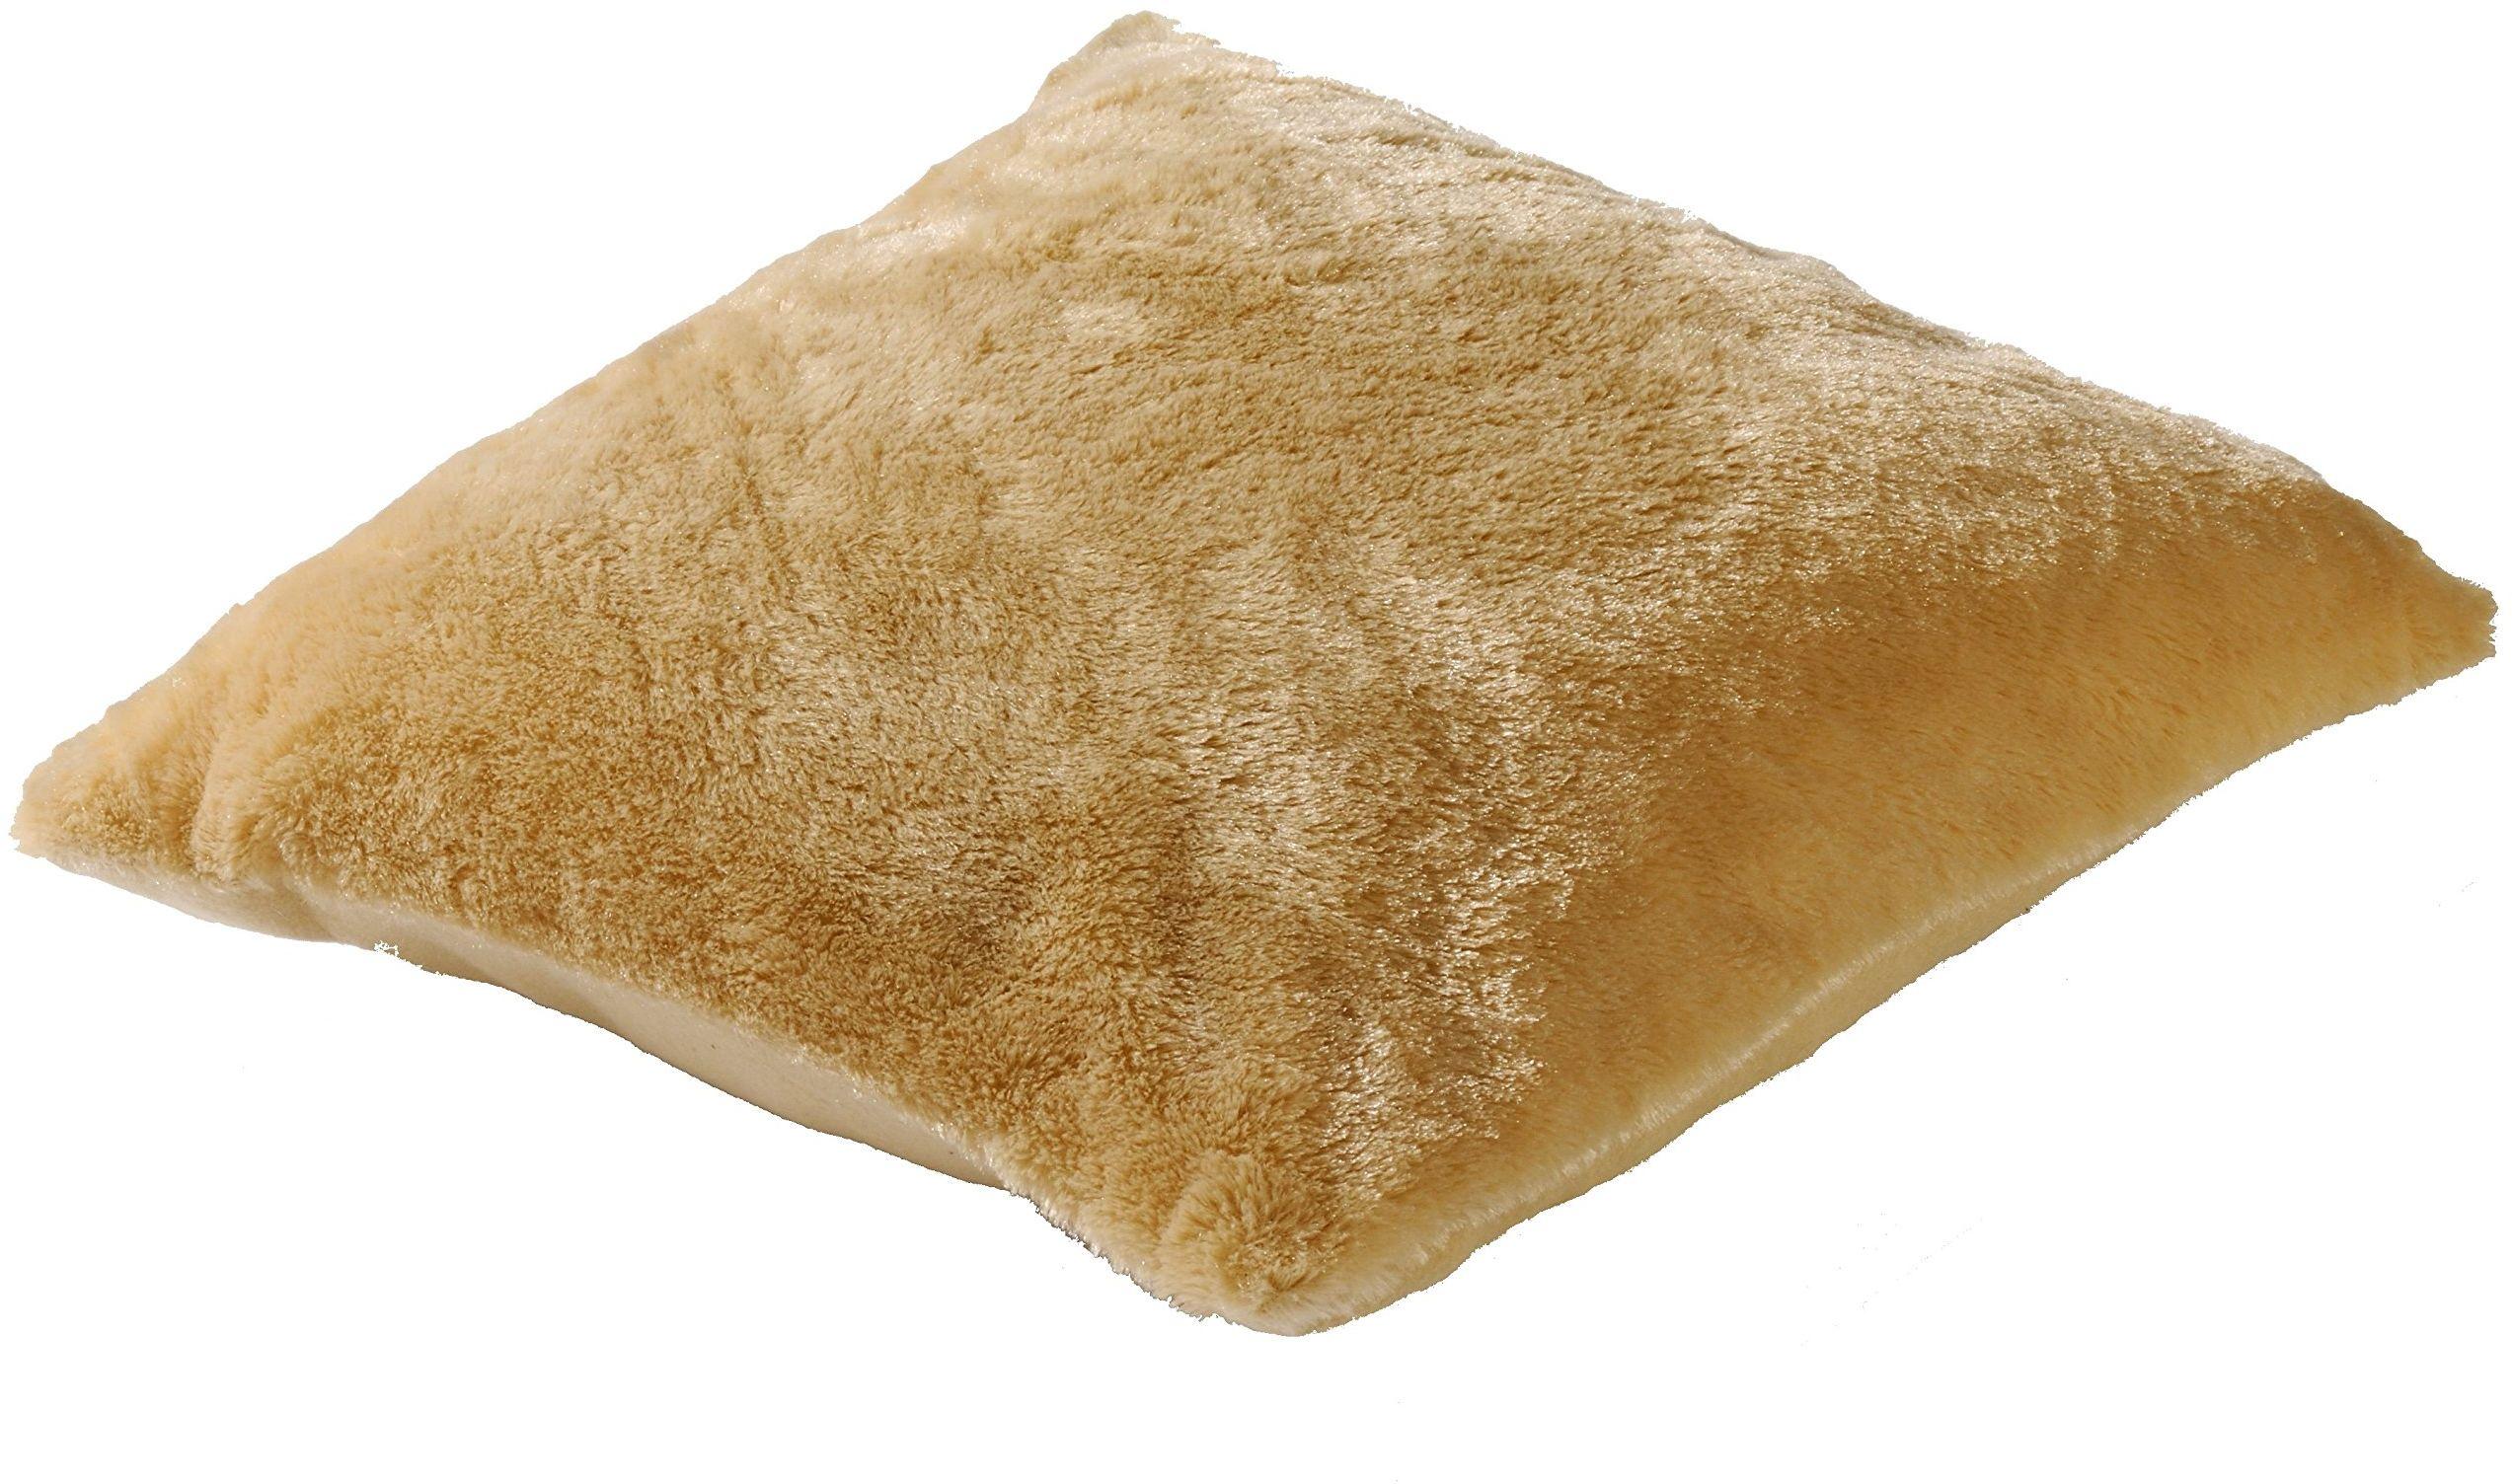 Poduszka niedźwiedź wilk, poliester, beżowy Camel L21, 40 x 40 cm